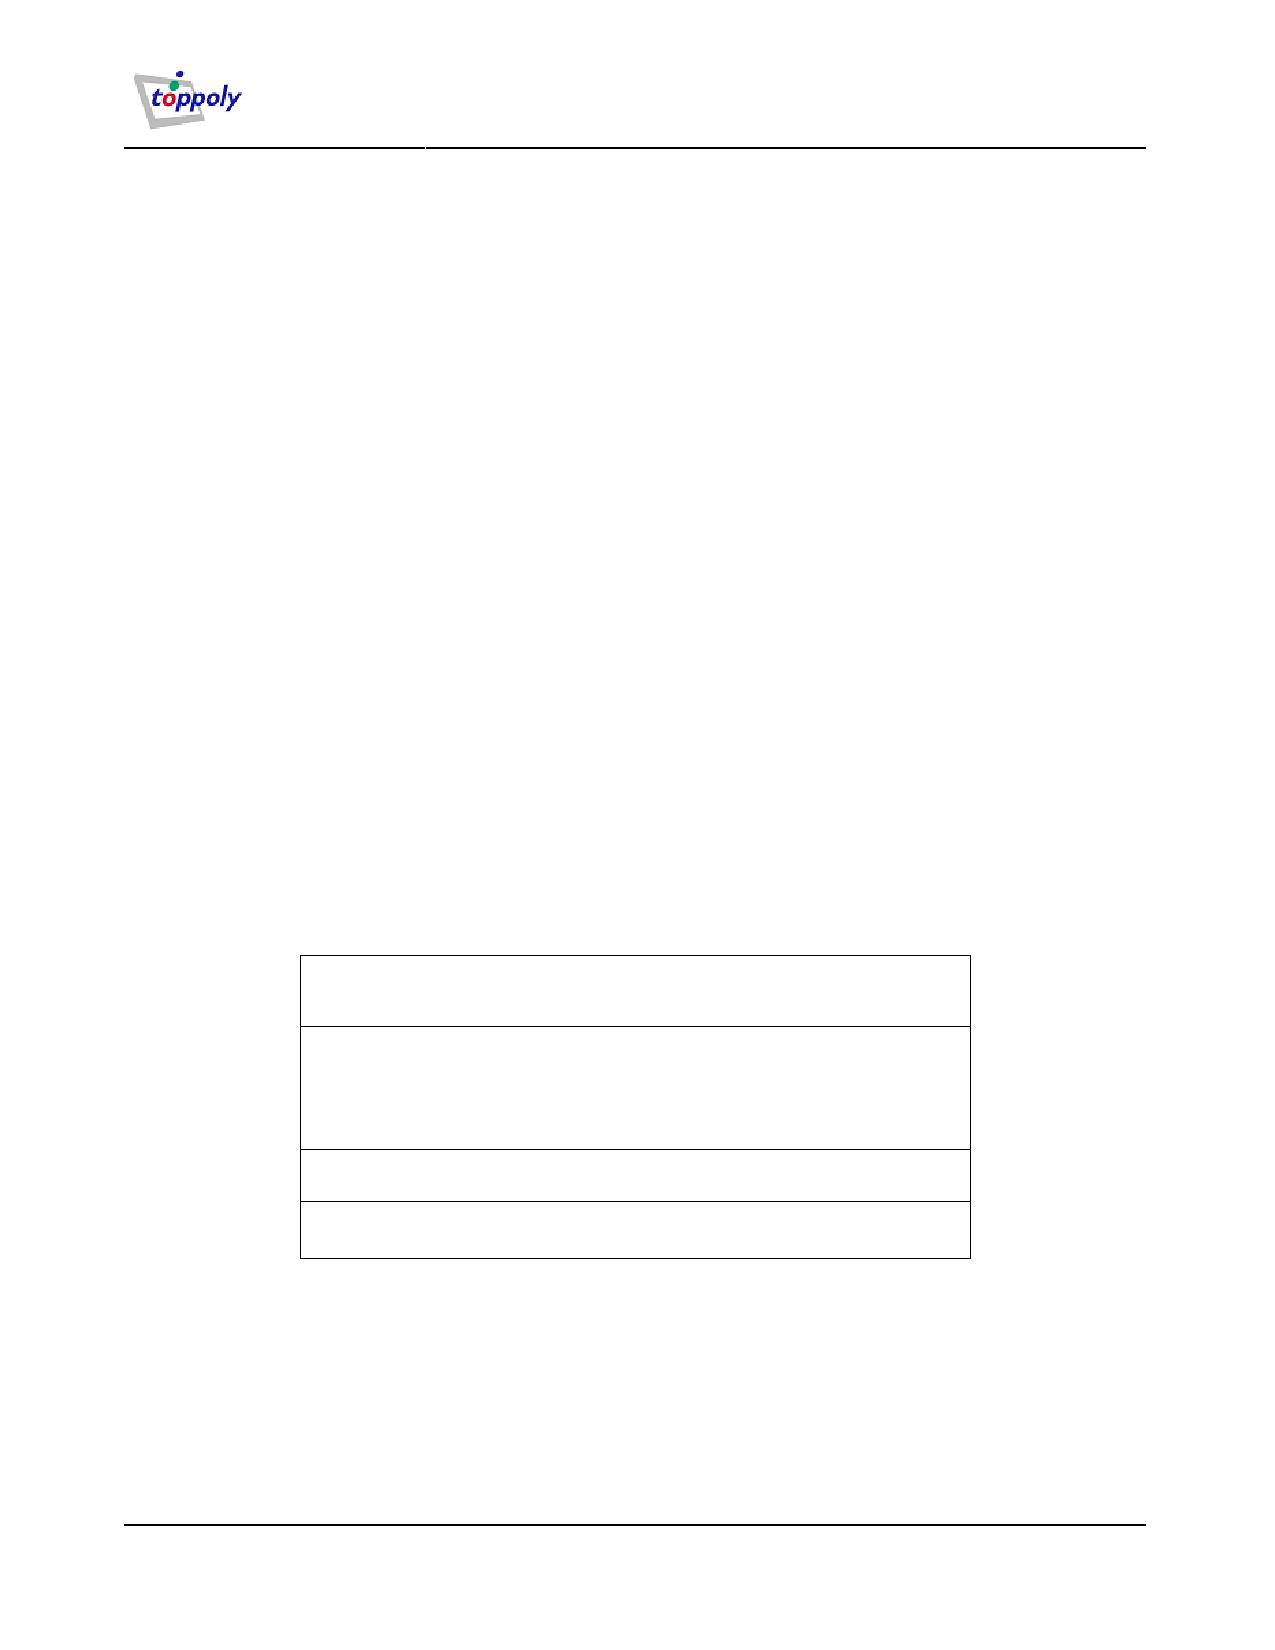 TD025WHEB2 datasheet